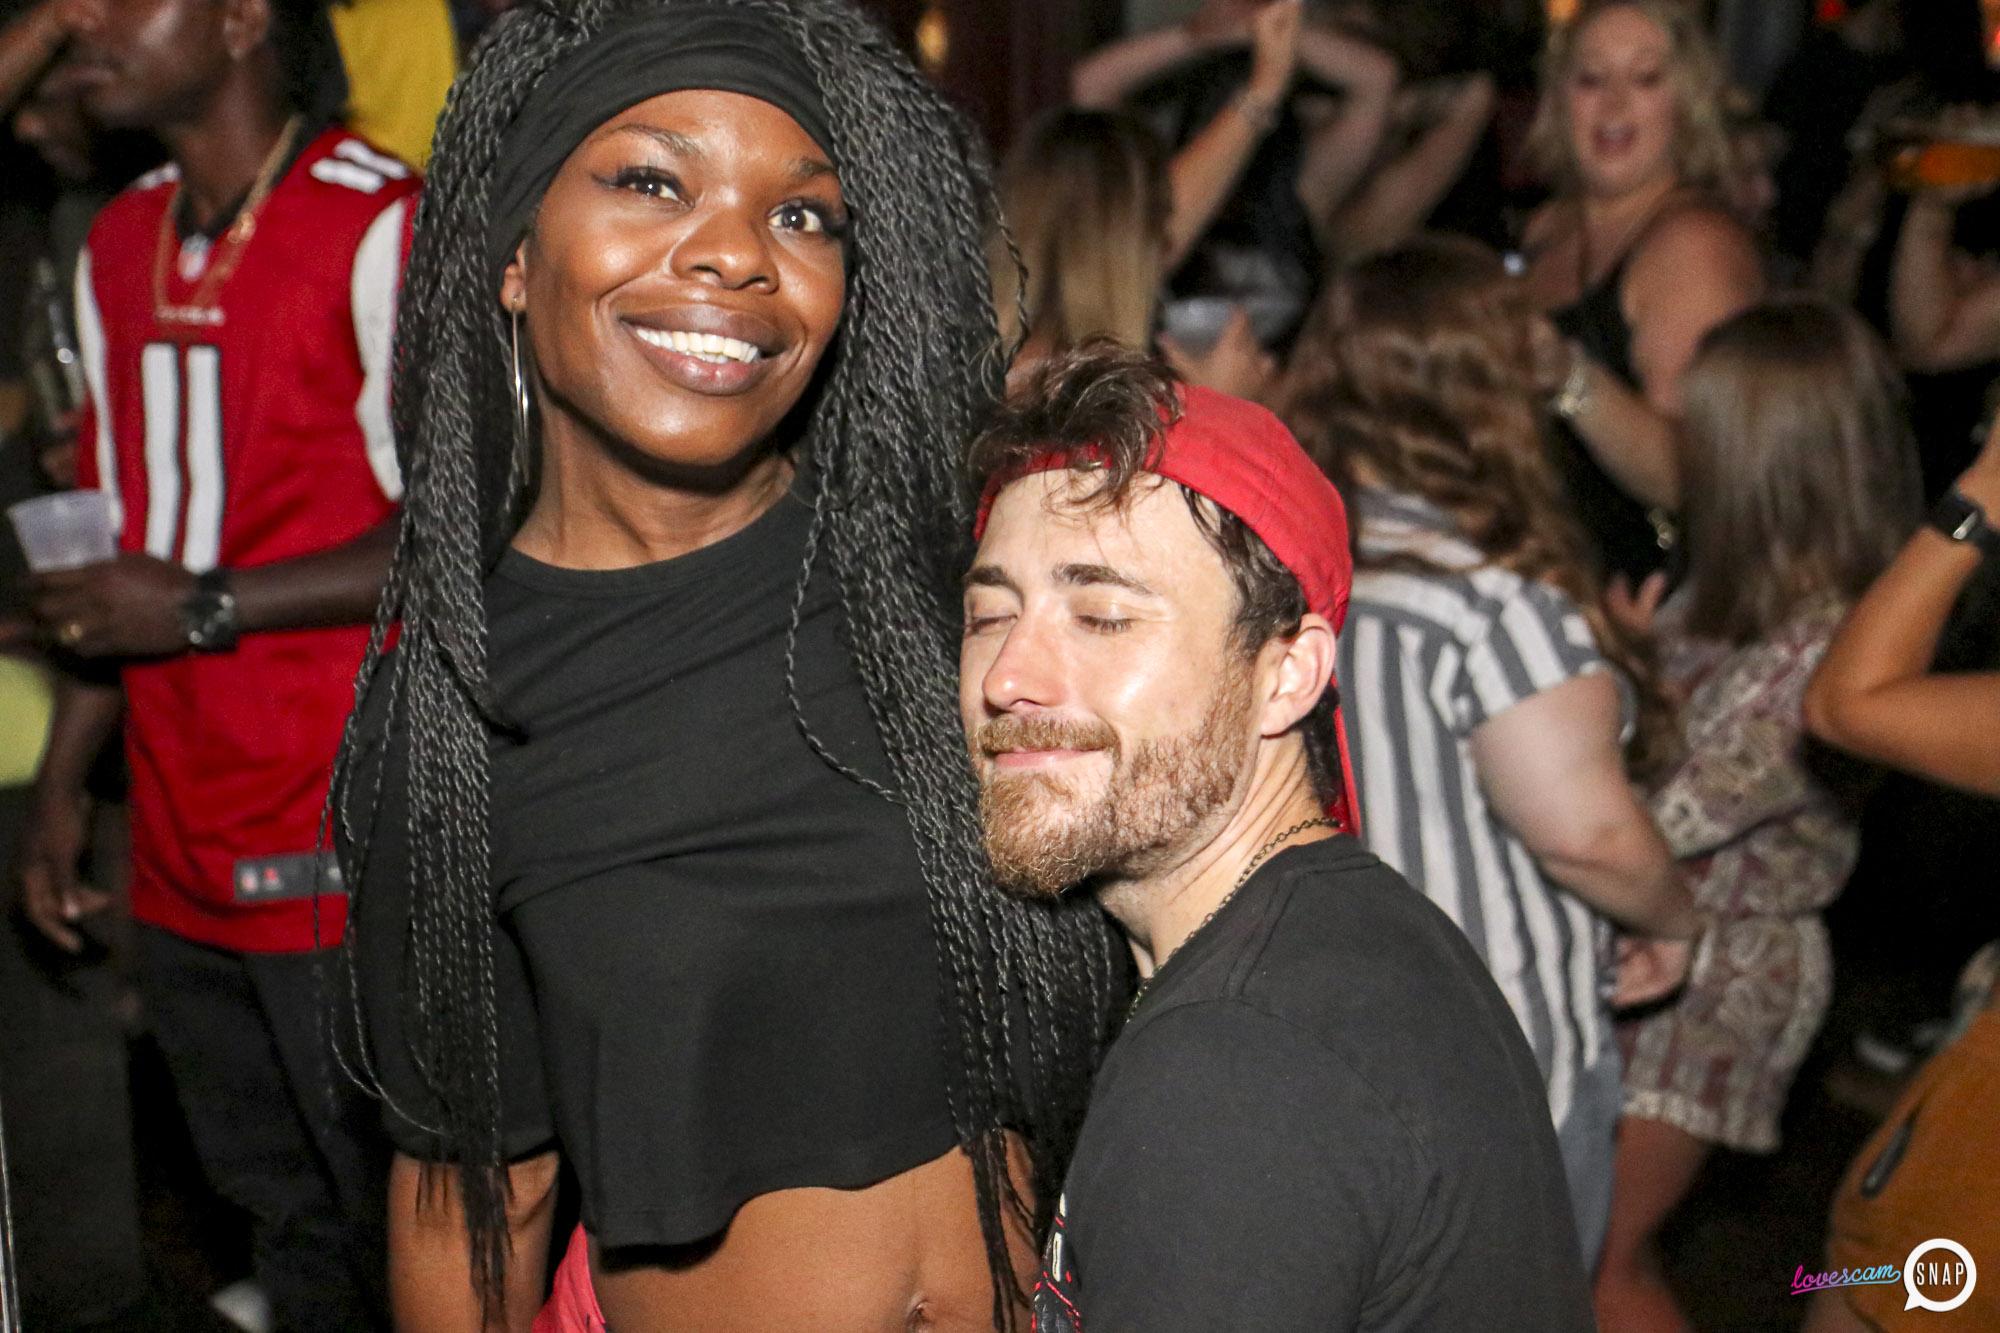 Lovescam-08.3.19-66.jpg